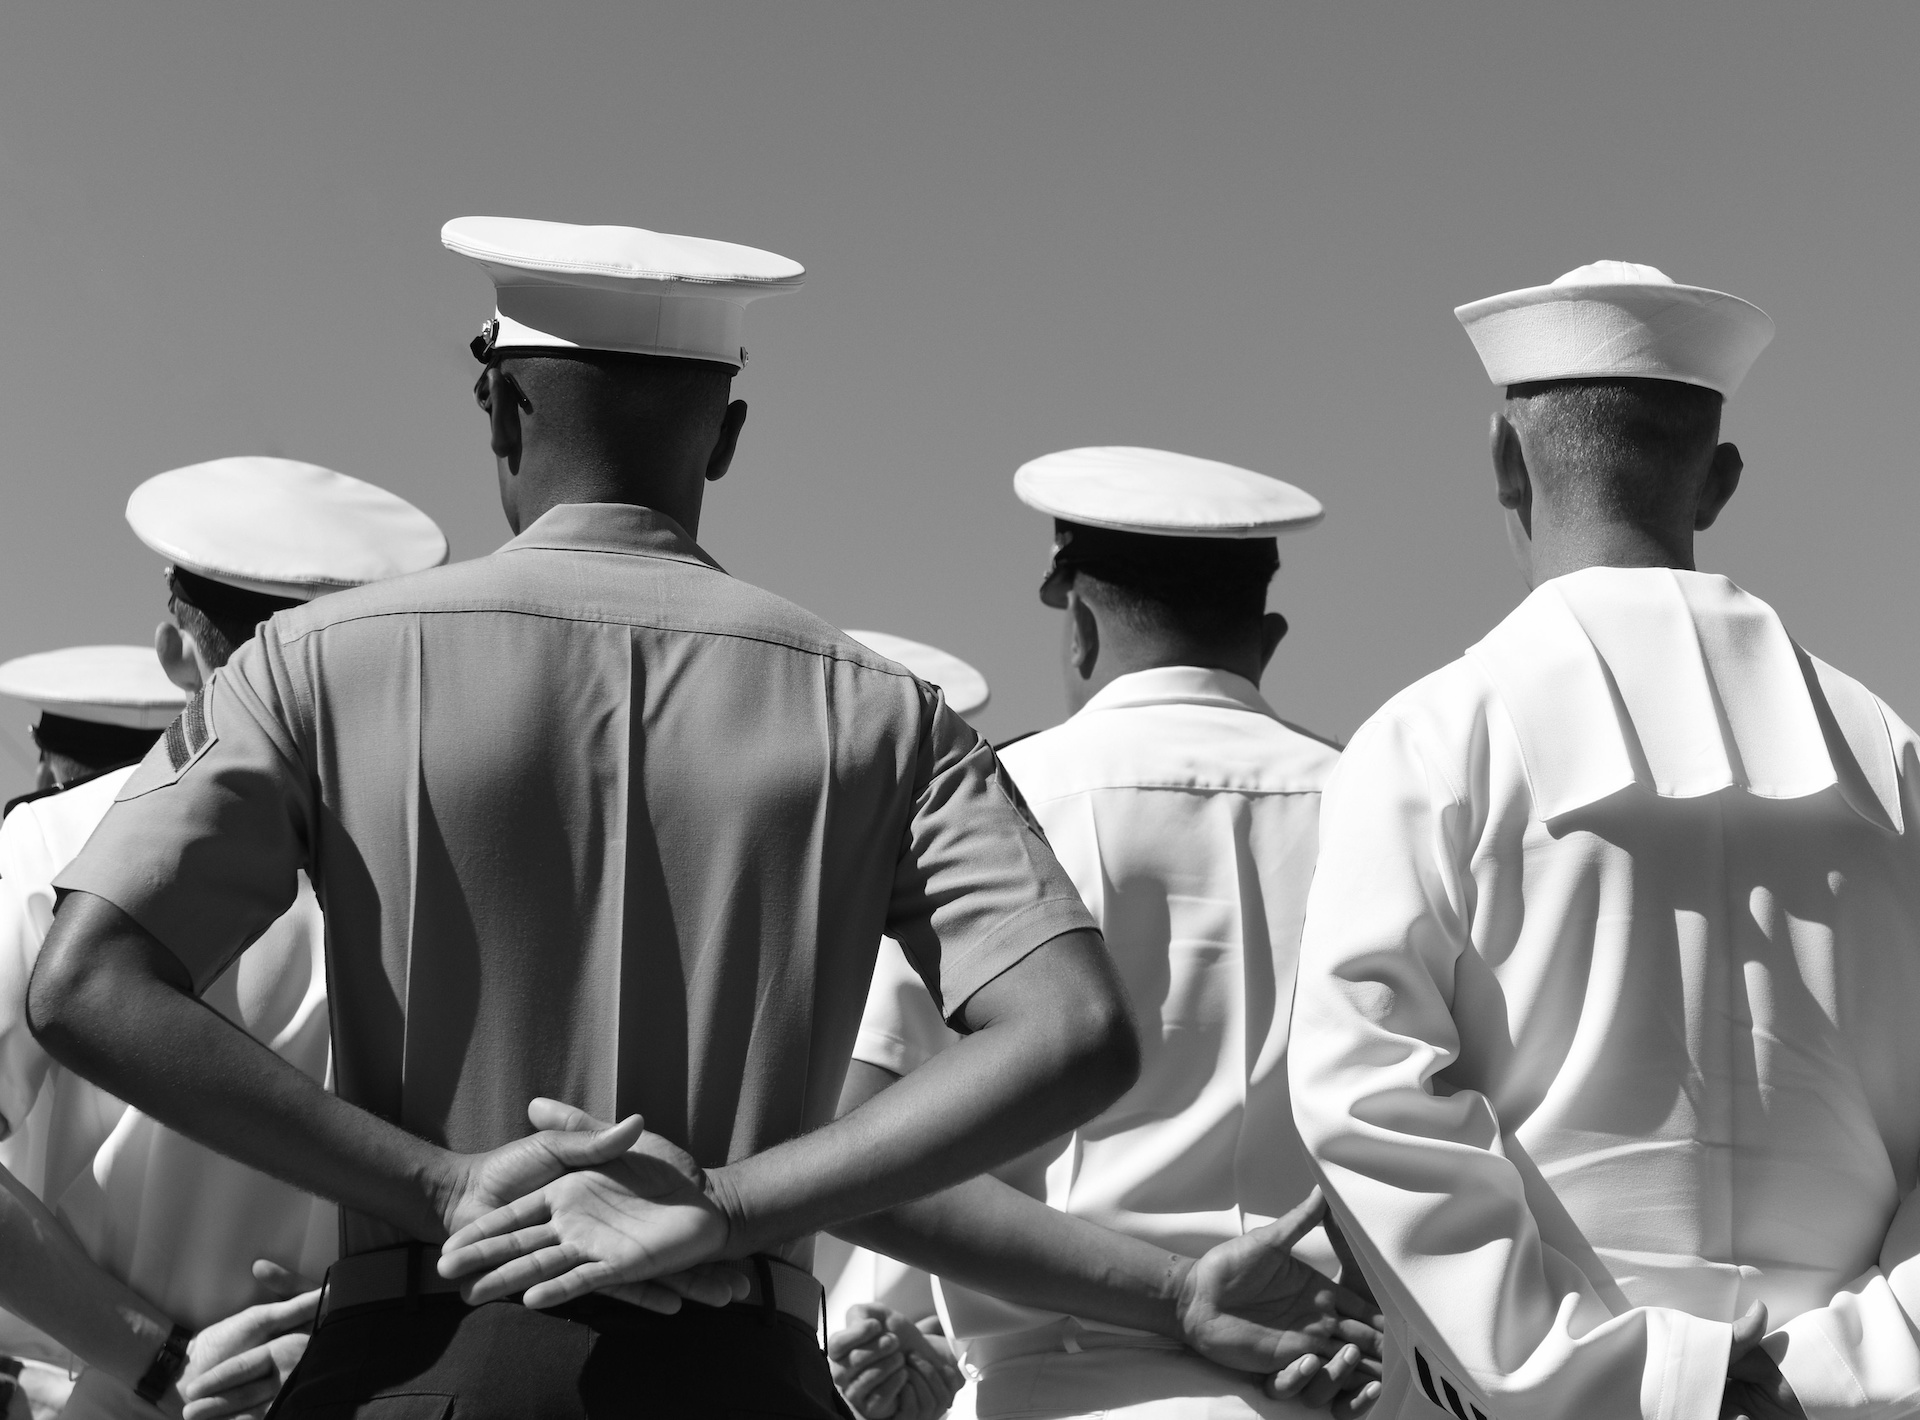 Photo: US Navy sailors | Credit Bumble Dee, Adobe Stock